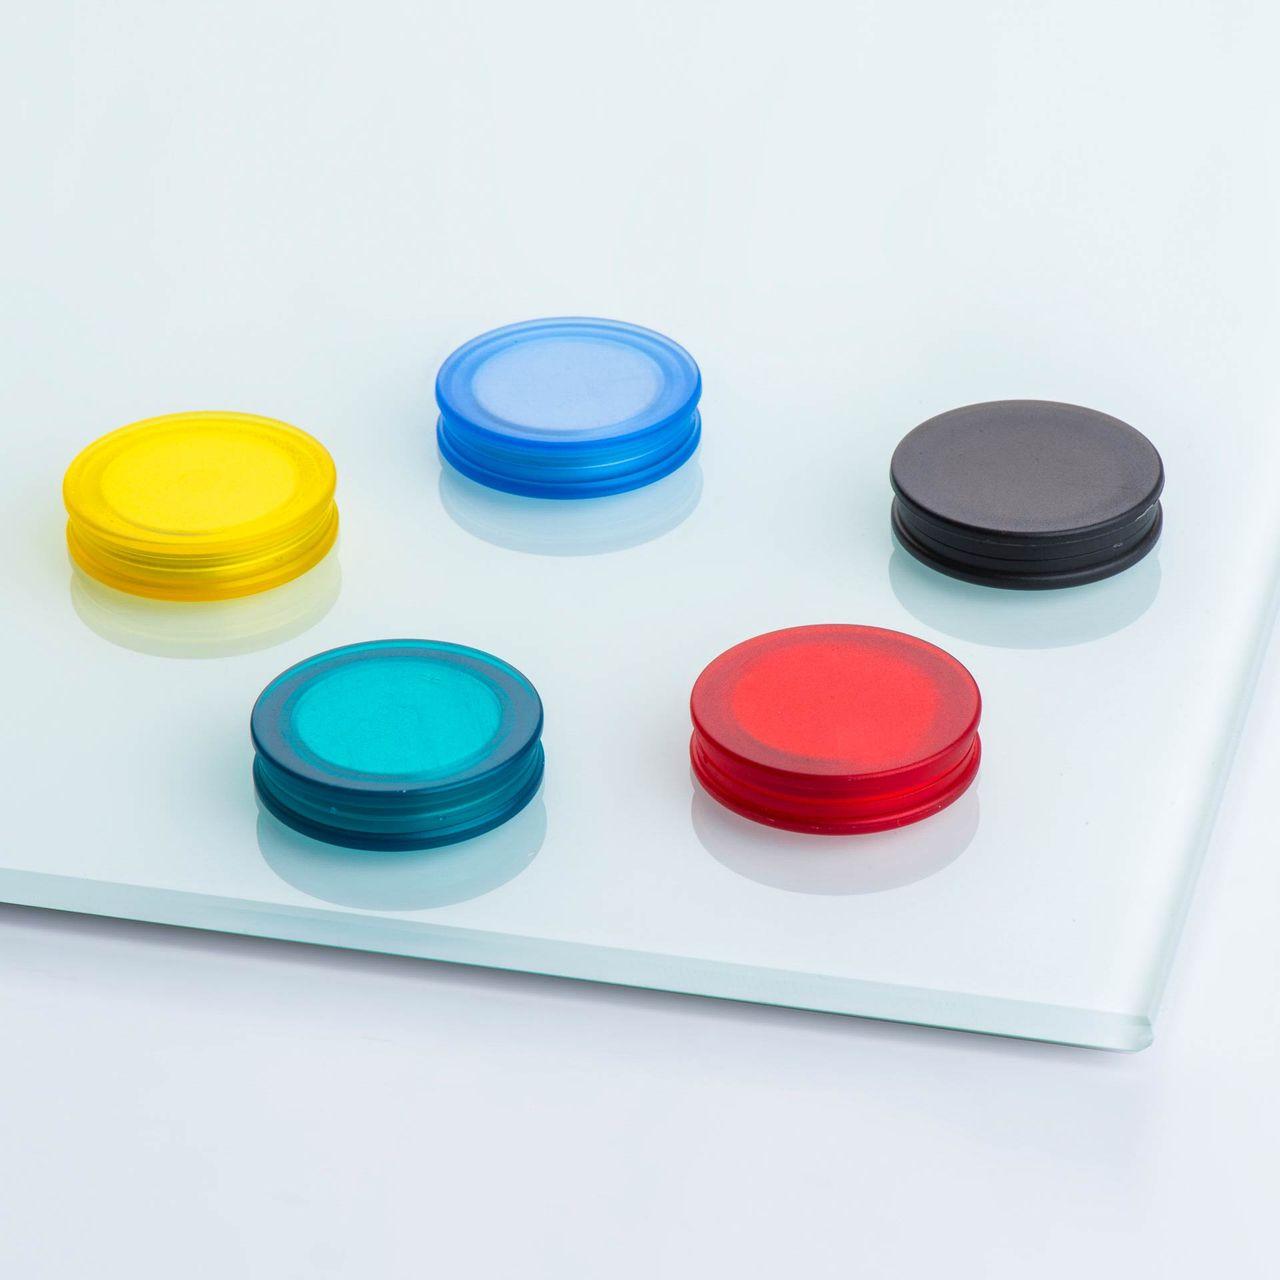 Glasboardmagnet aus Neodym, beidseitig haftend, mit rundem Kunststoffgehäuse, verschiedene Farben, thyssenkrupp Magnettechnik